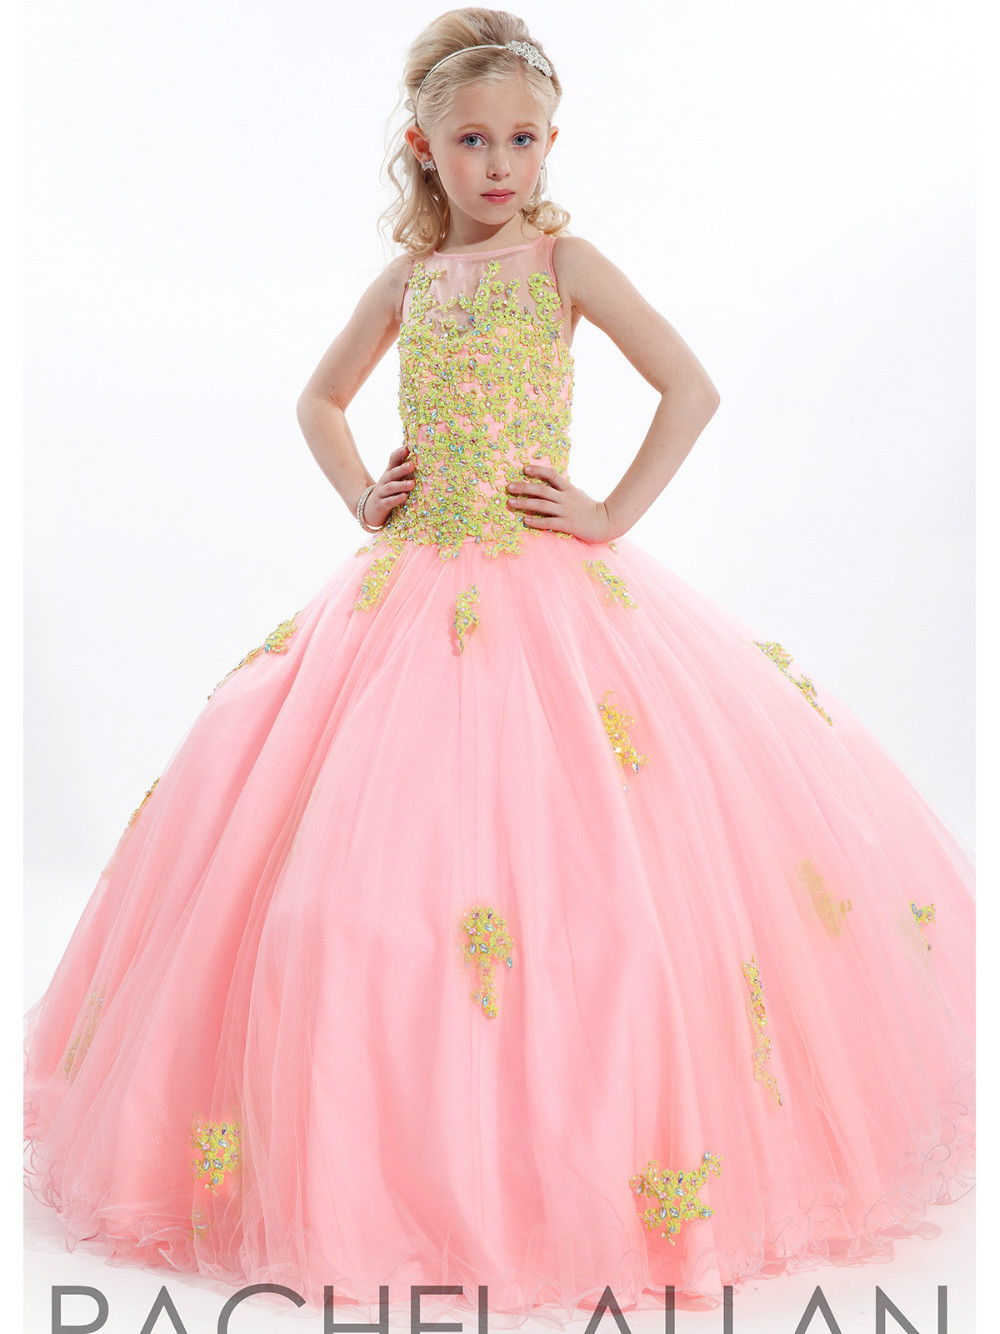 Bonito Vestido De Color Turquesa Para La Boda Composición ...